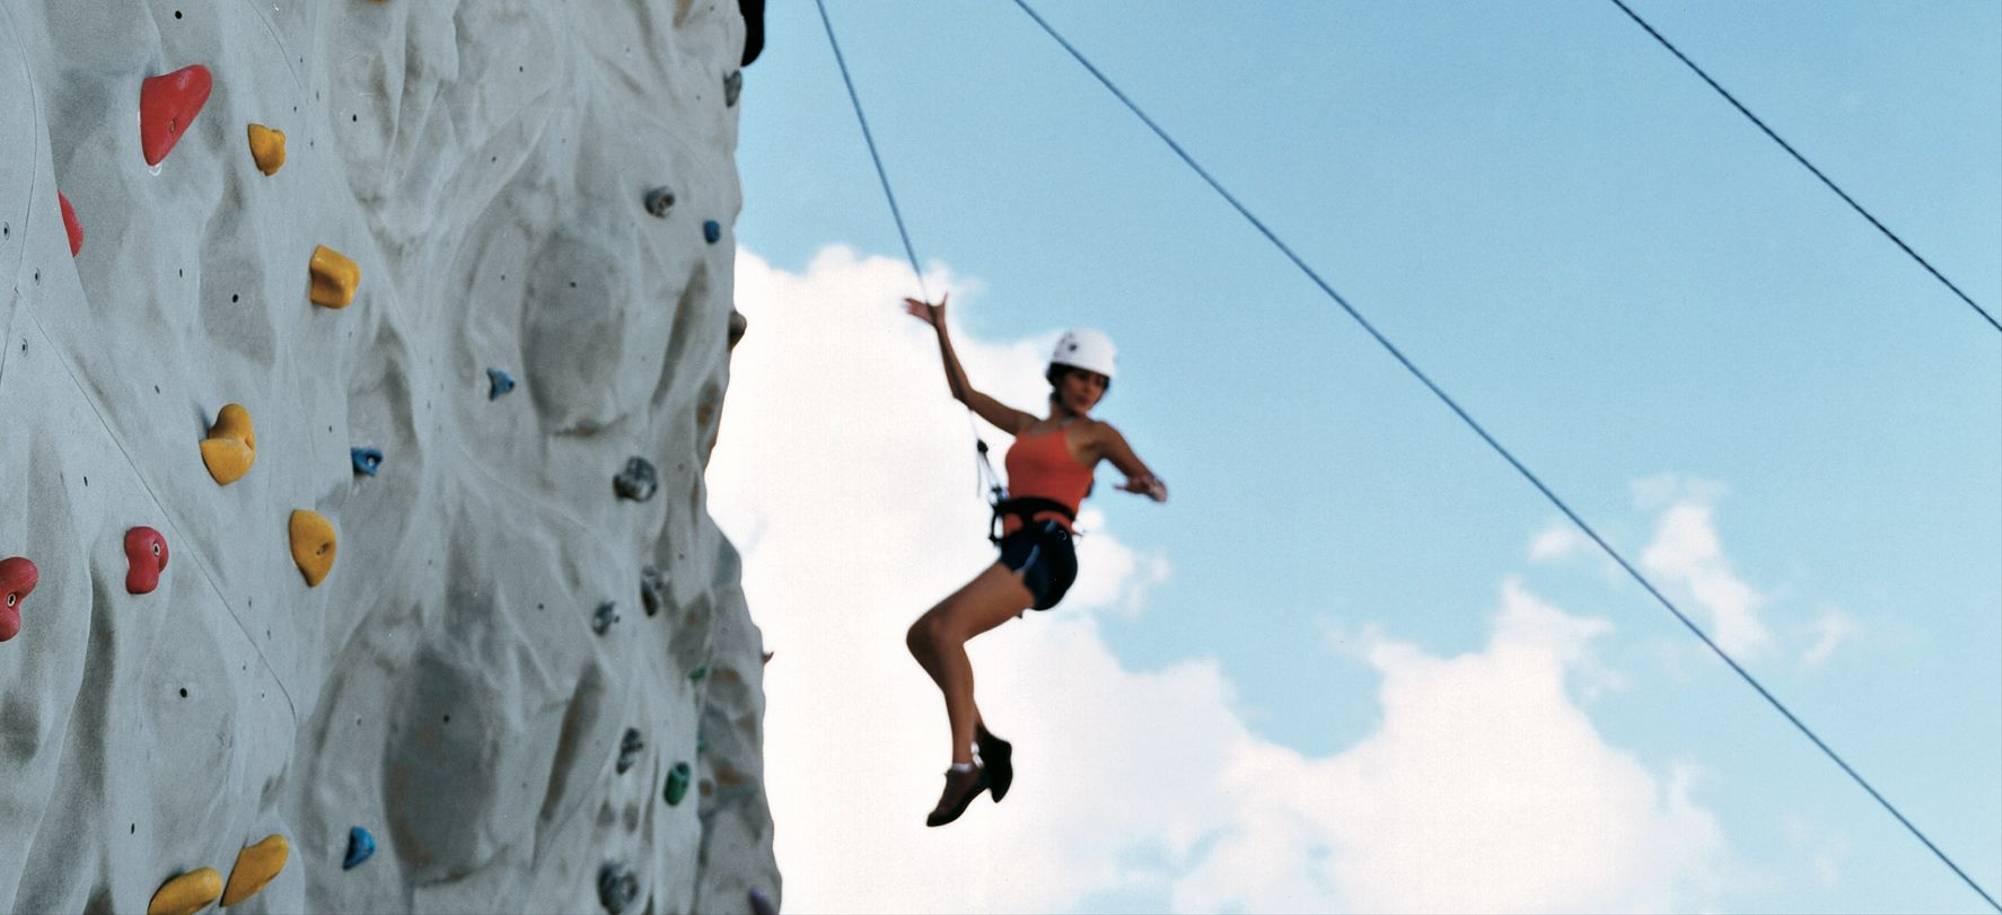 Serenade - Climbing Wall - Itinerary Desktop .jpg